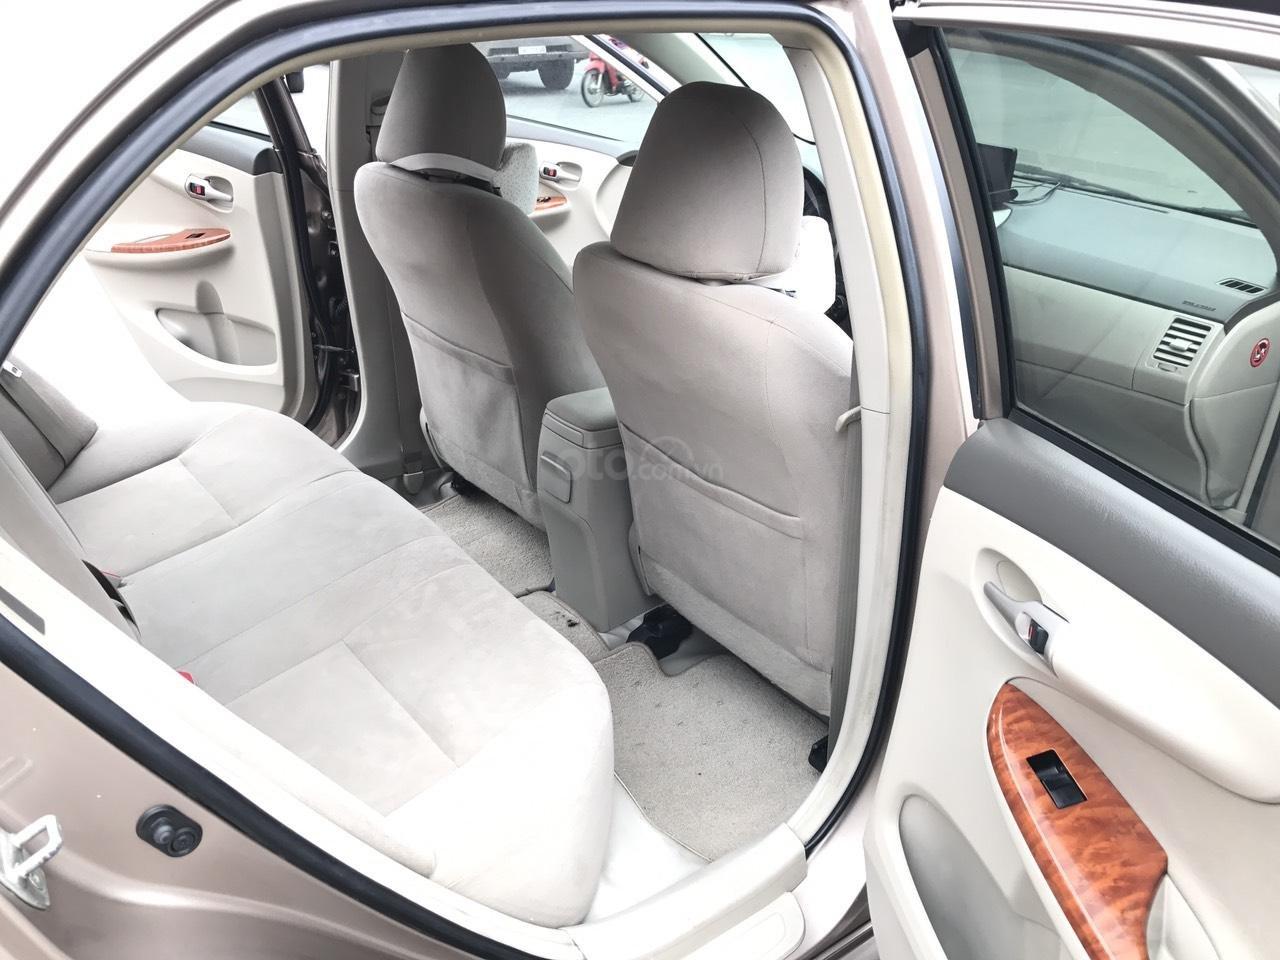 Bán ô tô Toyota Corolla Altis 1.8G năm sản xuất 2009, màu nâu Cafe, 1 chủ biển 4 số mới (21)